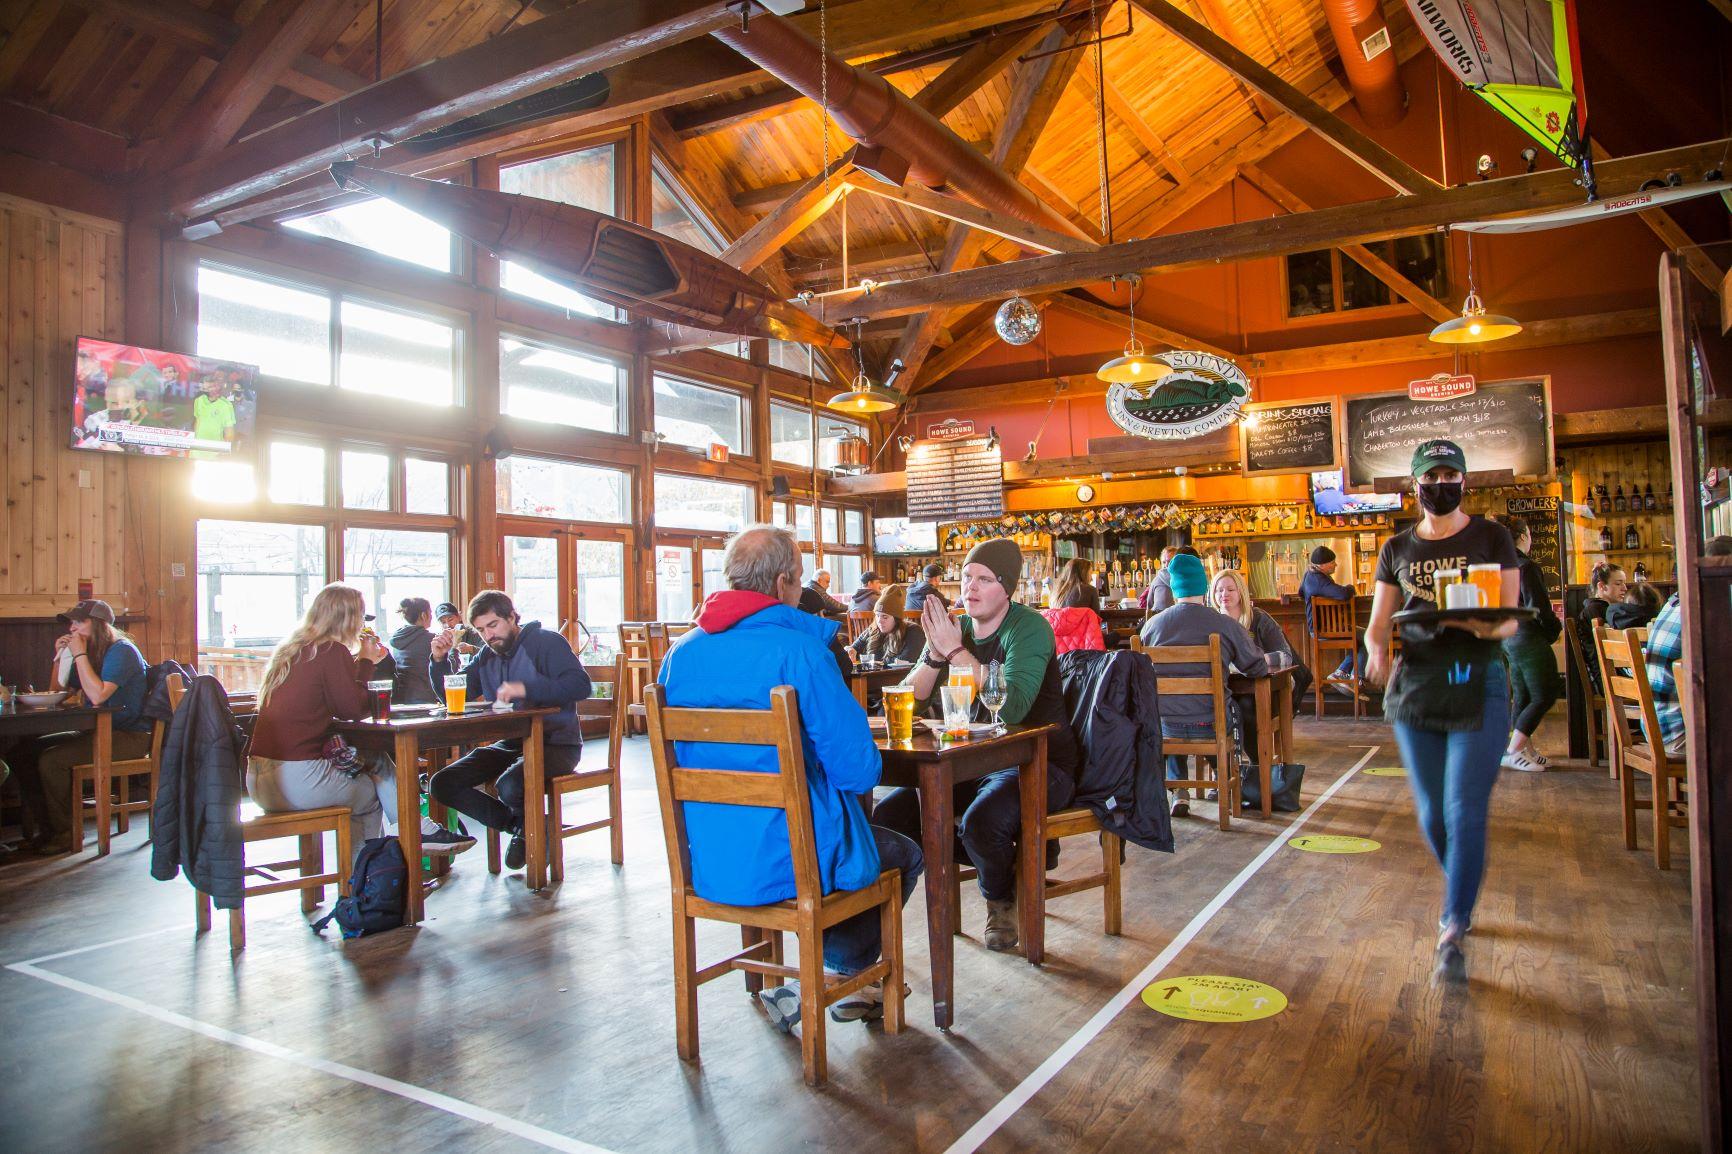 Howe Sound Brew Pub, Squamish BC